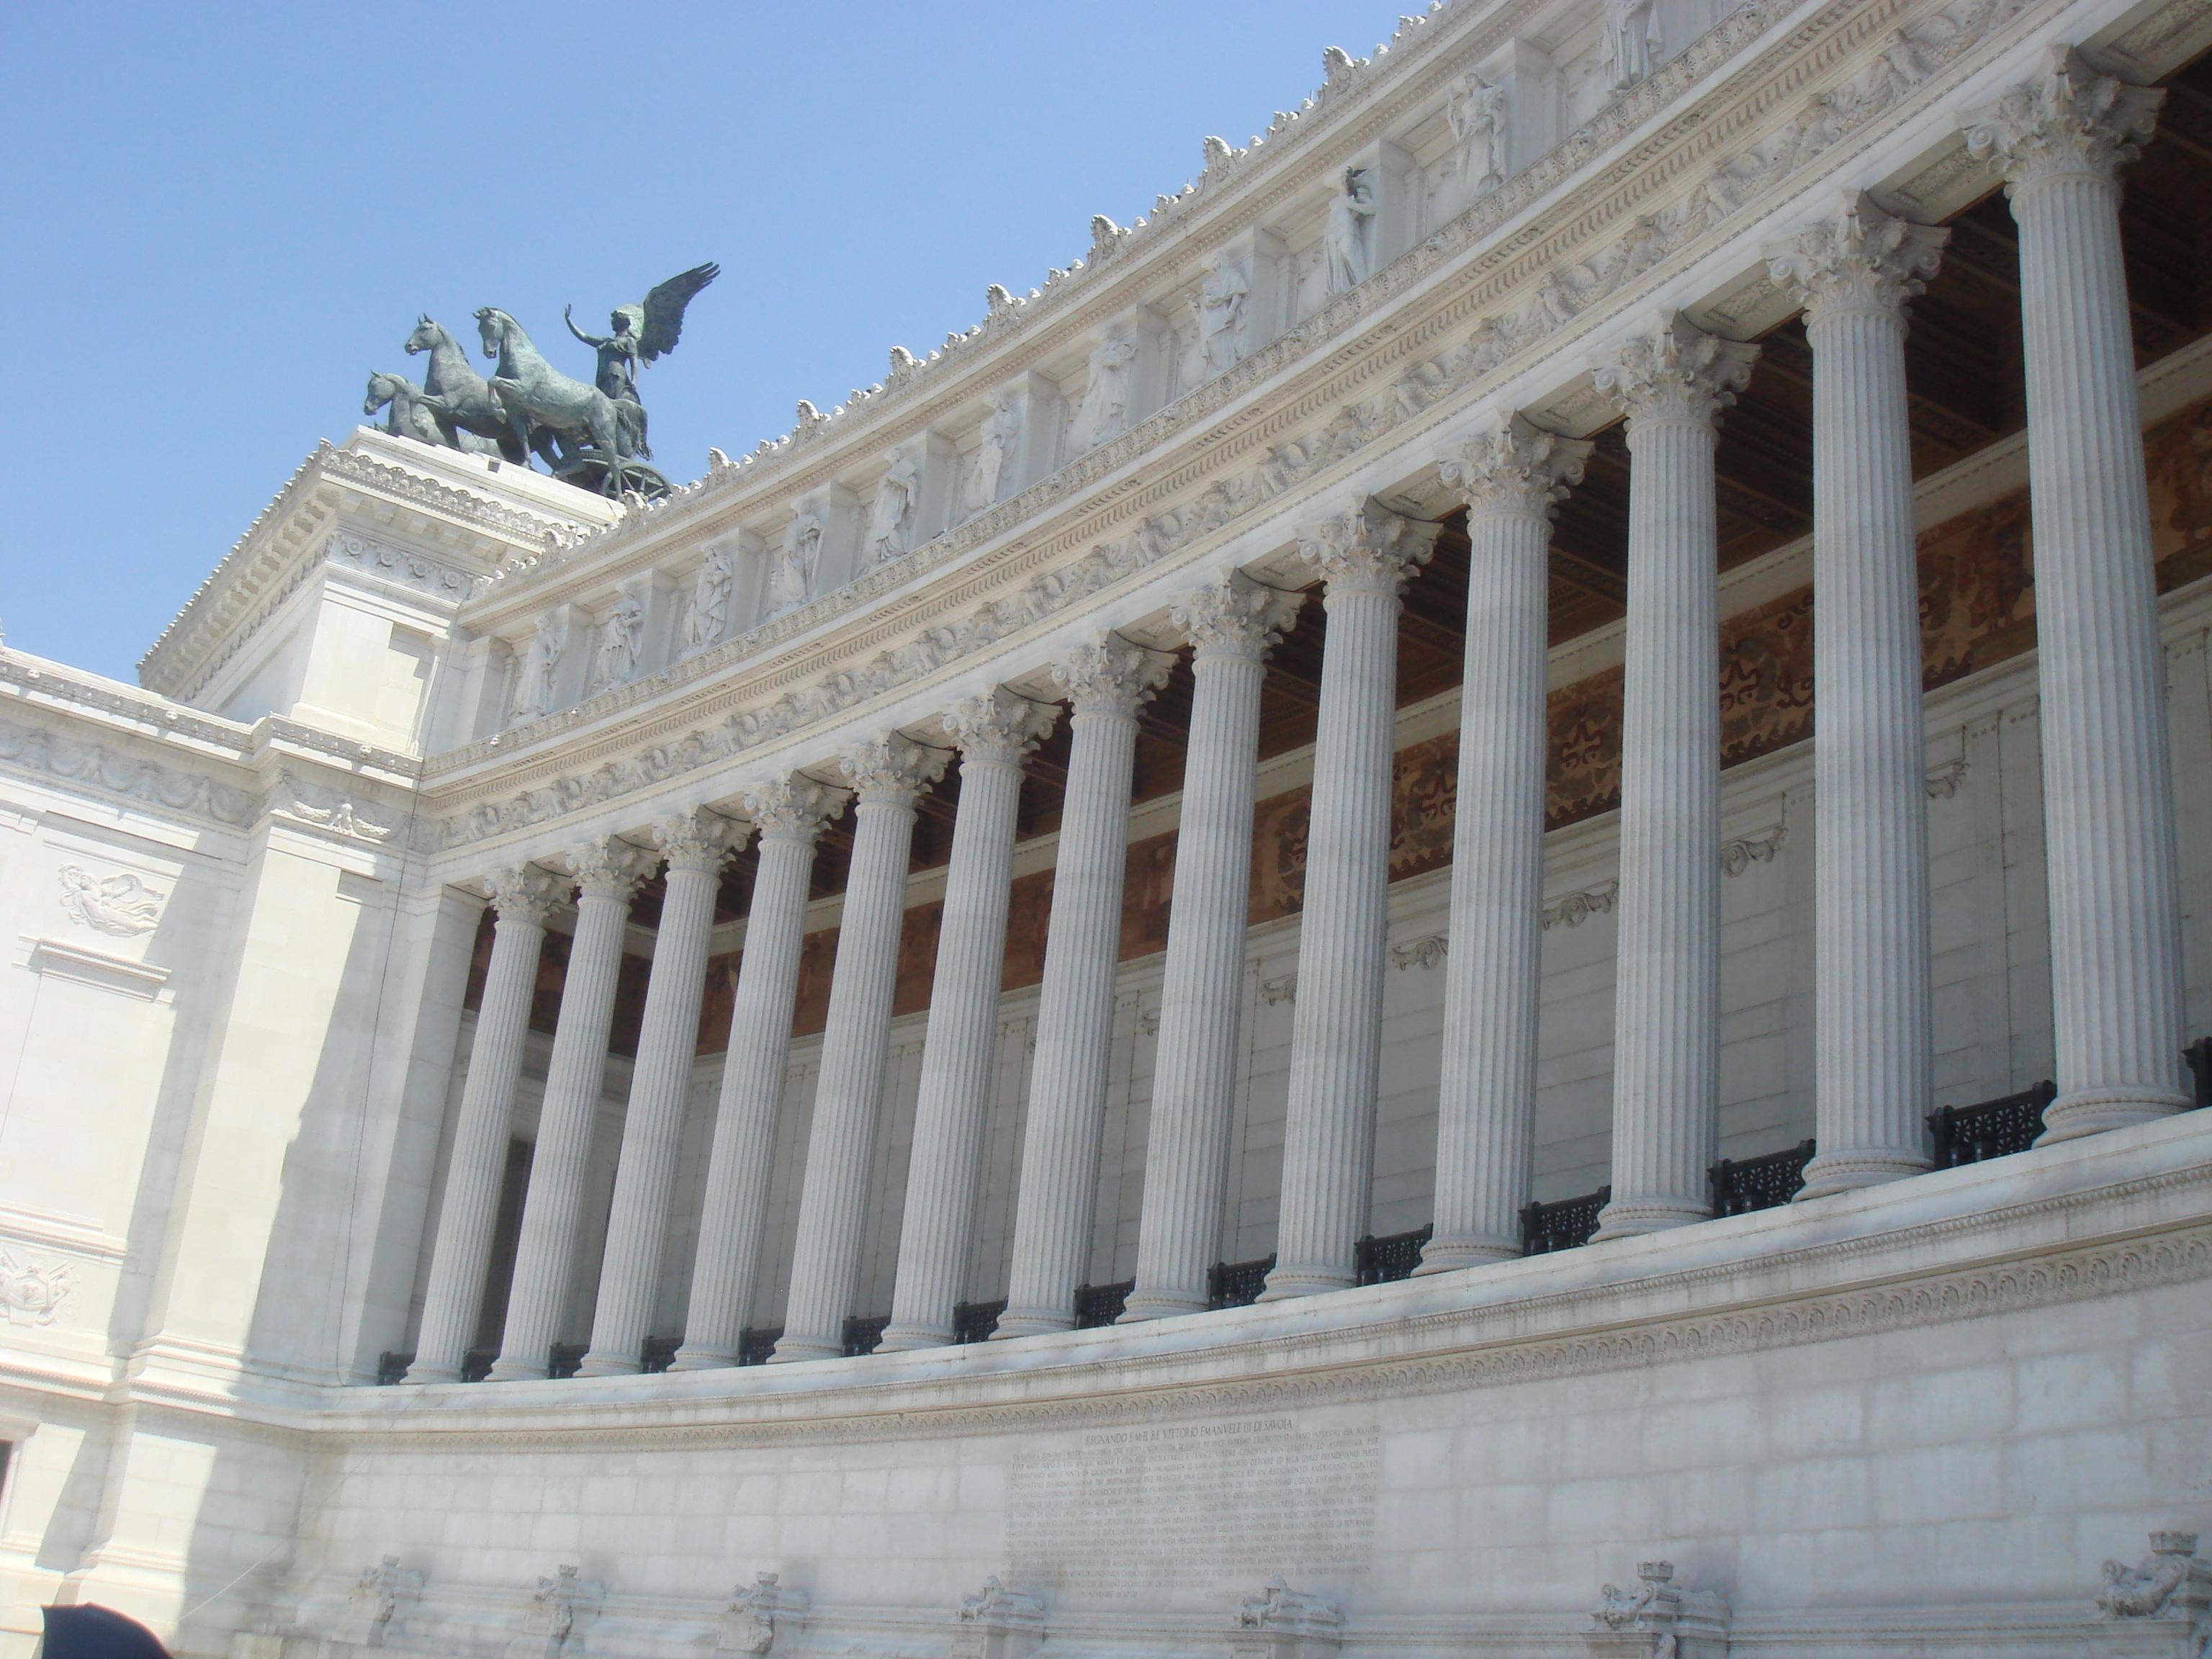 告别古罗马气势恢宏震撼人心的古老,我们继续兴致勃勃地游荡在罗马市区。第四站是位于市中心的威尼斯广场,为了庆祝1870年意大利统一而建造的维克多.埃曼纽尔二世纪念堂是广场上最醒目的建筑,这座白色大理石建造的新古典主义建筑如今已经是罗马的新地标。纪念堂正面是16根圆柱形成的弧形立面,顶部是两座巨大的胜利女神驾驭战车的青铜雕像,台阶中央骑马的人物塑像就是完成了意大利统一大业的维克多.